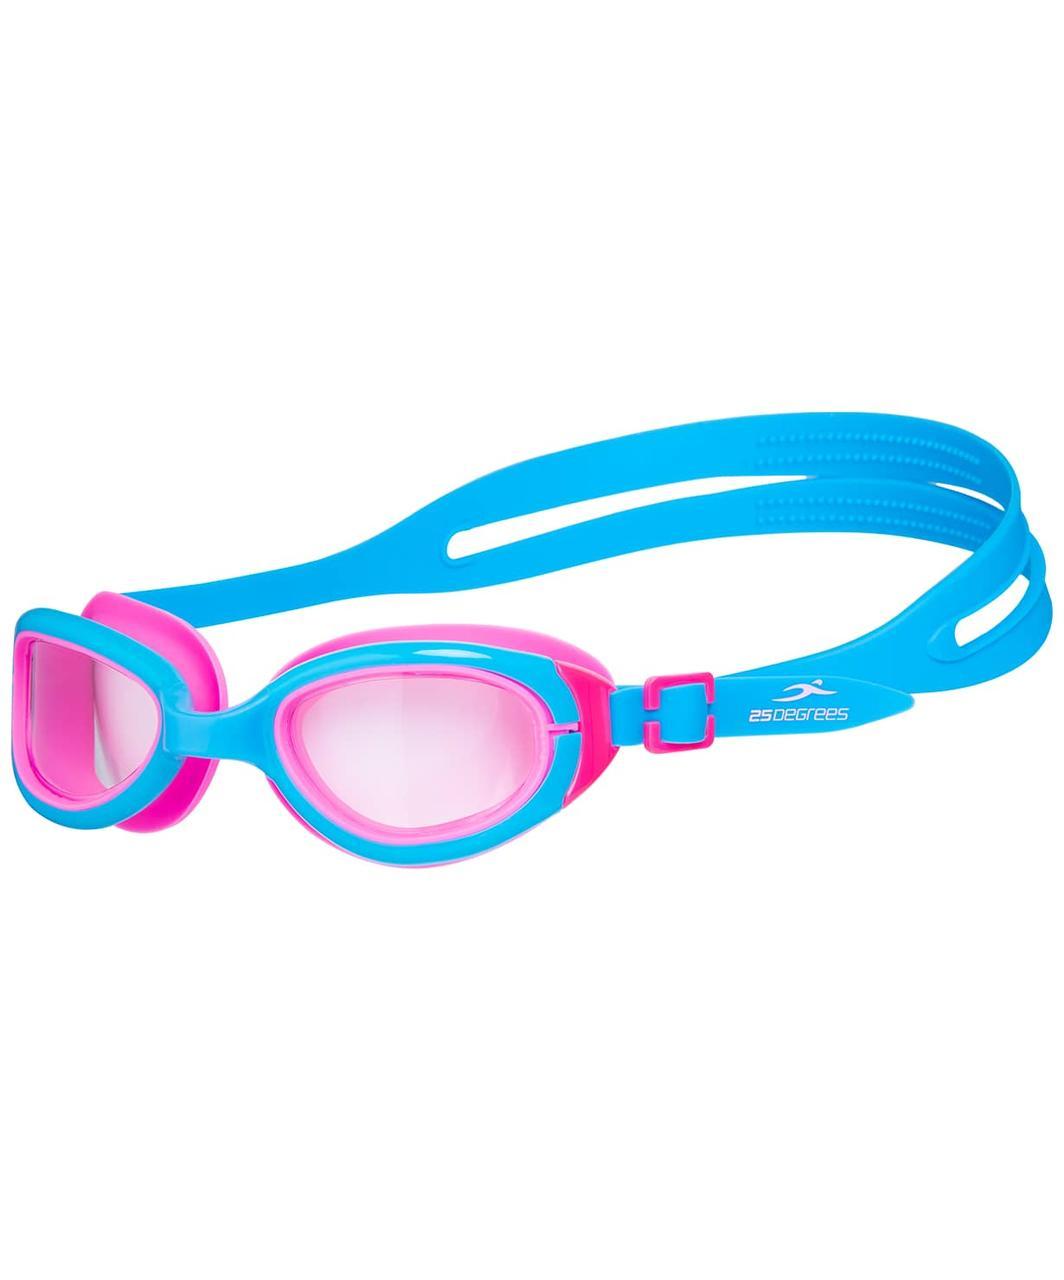 Очки для плавания Friggo Light Blue/Pink, подростковые 25Degrees